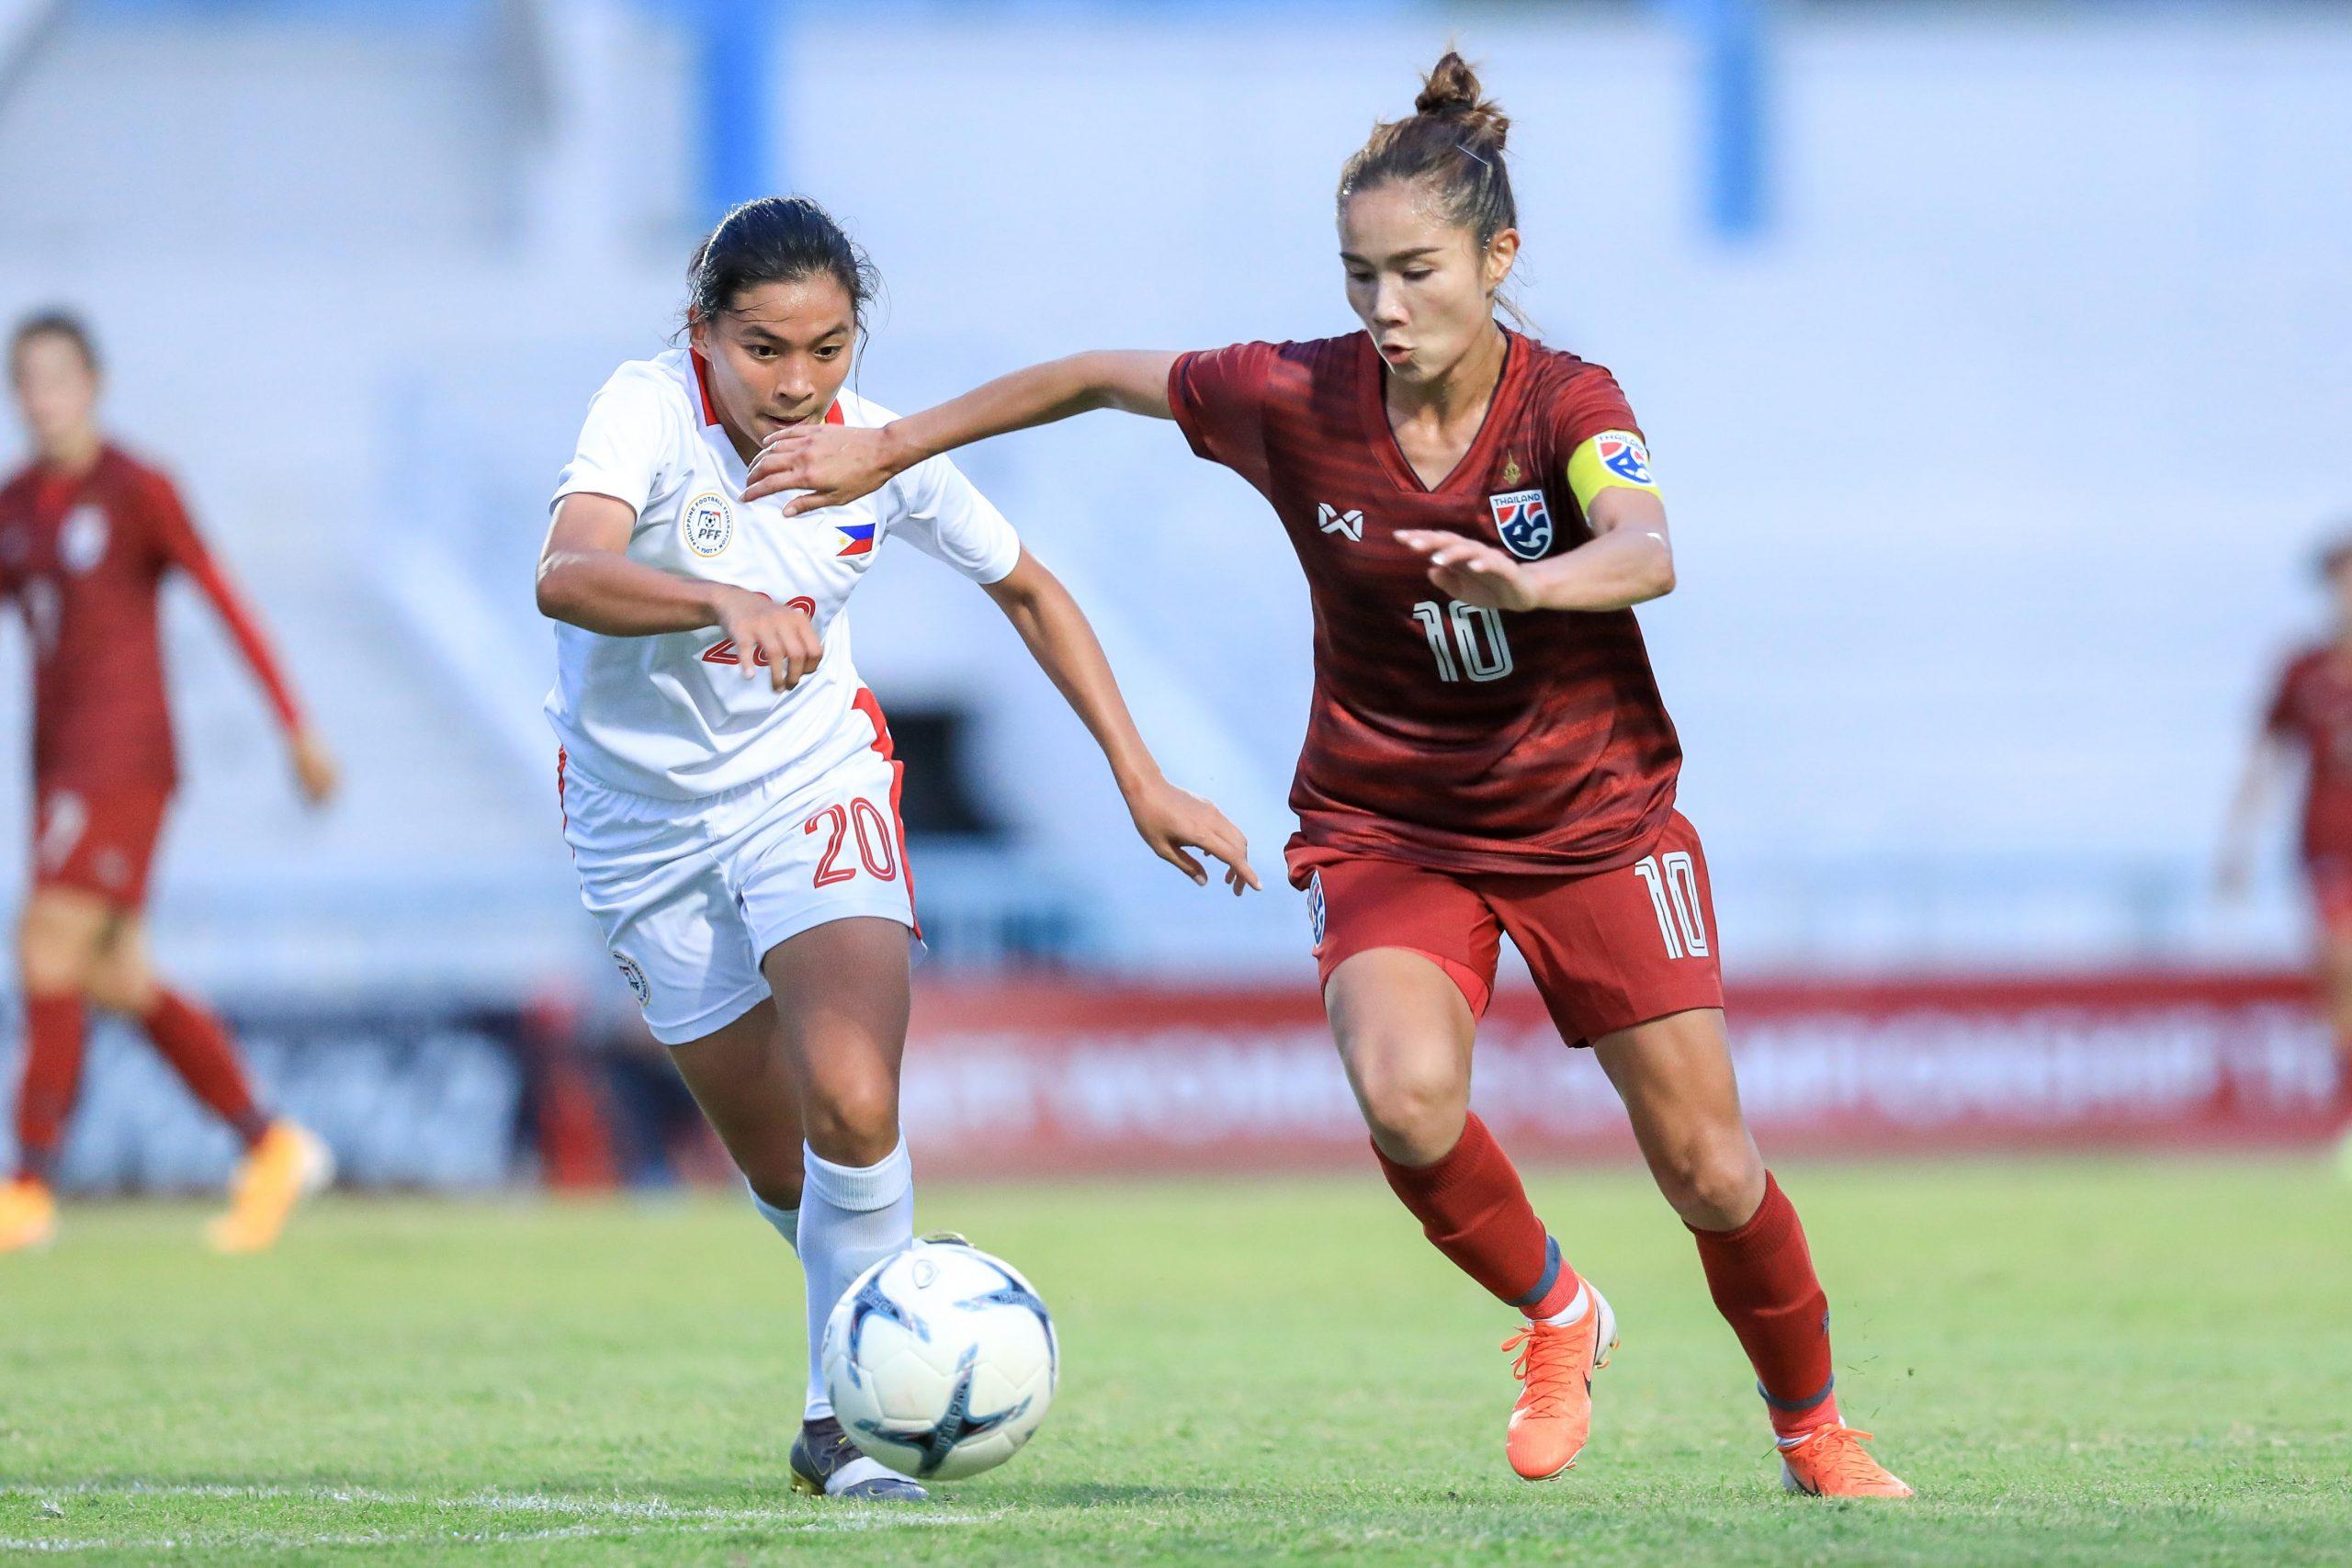 ชิงแชมป์อาเซียน 2019 ฟิลิปปินส์ ฟุตบอลหญิงทีมชาติไทย